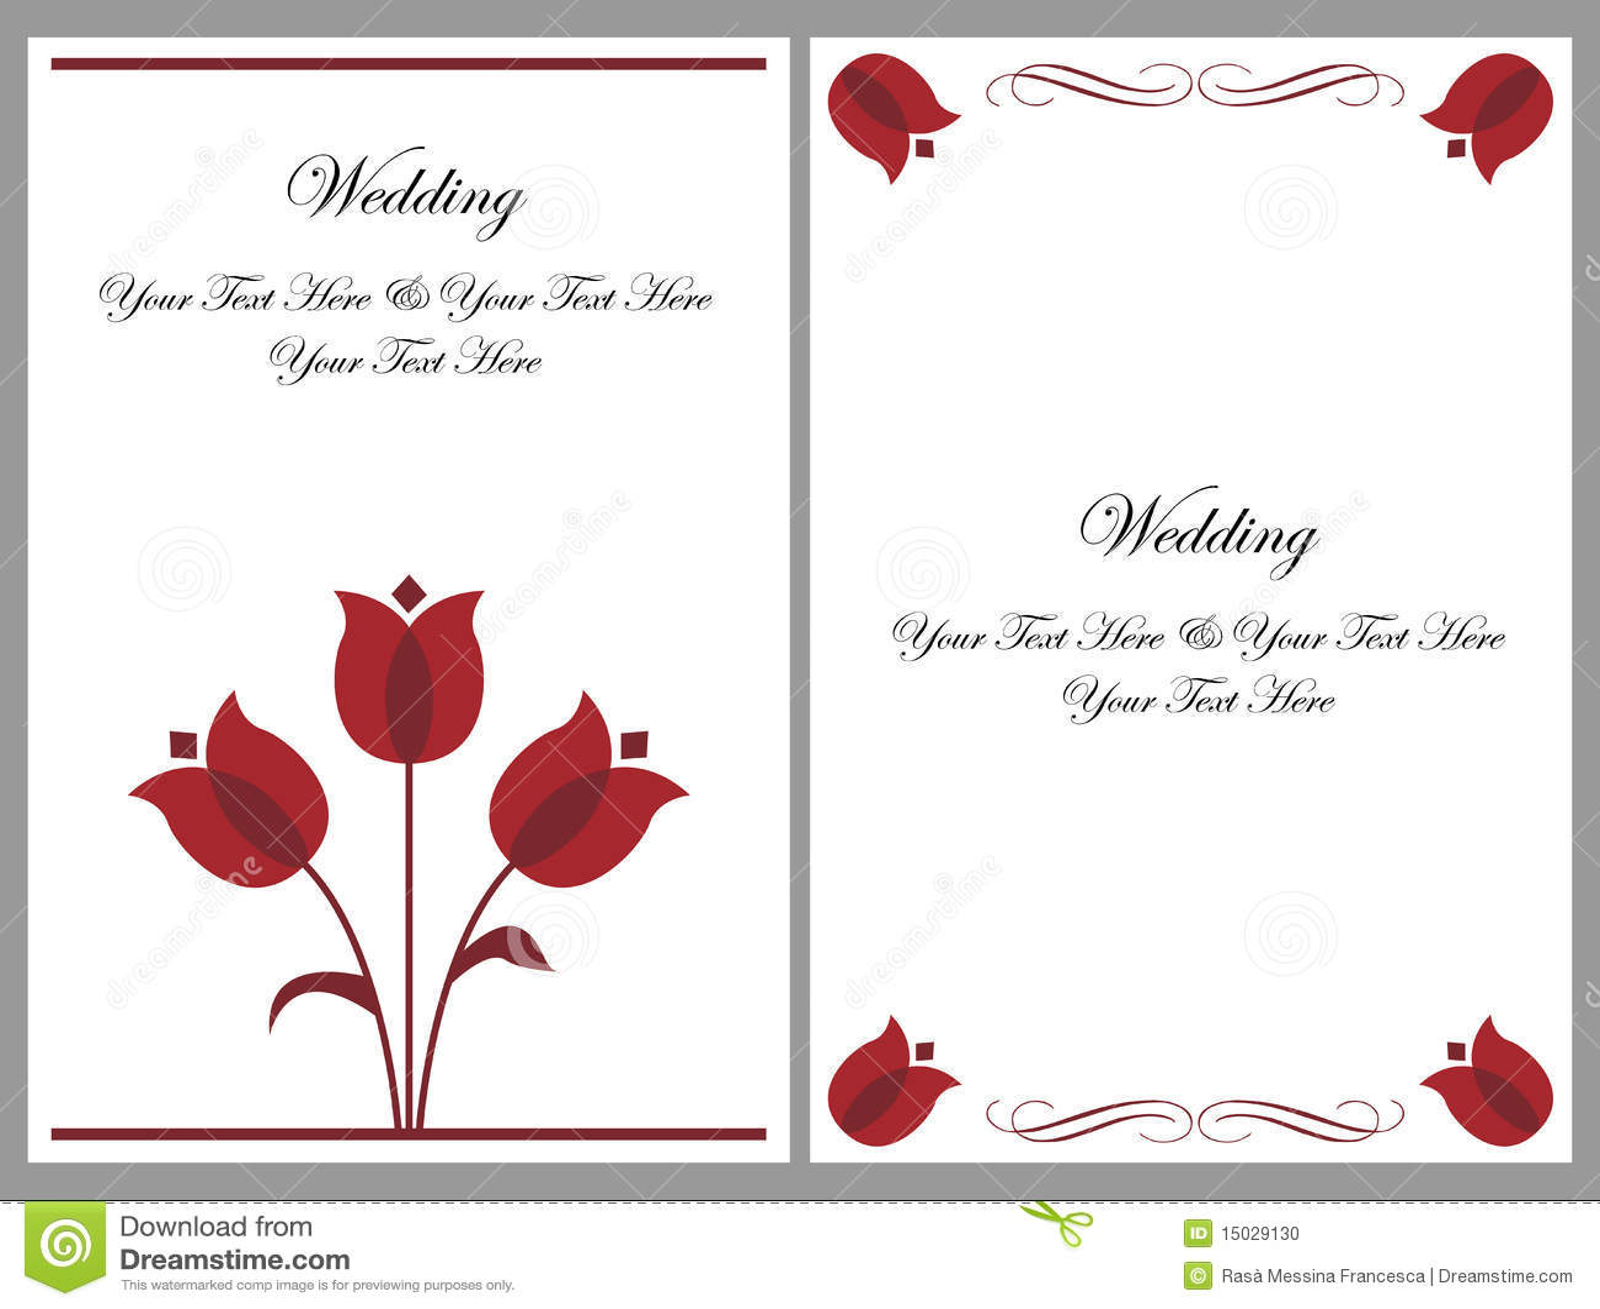 set wedding invitation cards stock vector illustration of celebration delicate 15029130. Black Bedroom Furniture Sets. Home Design Ideas